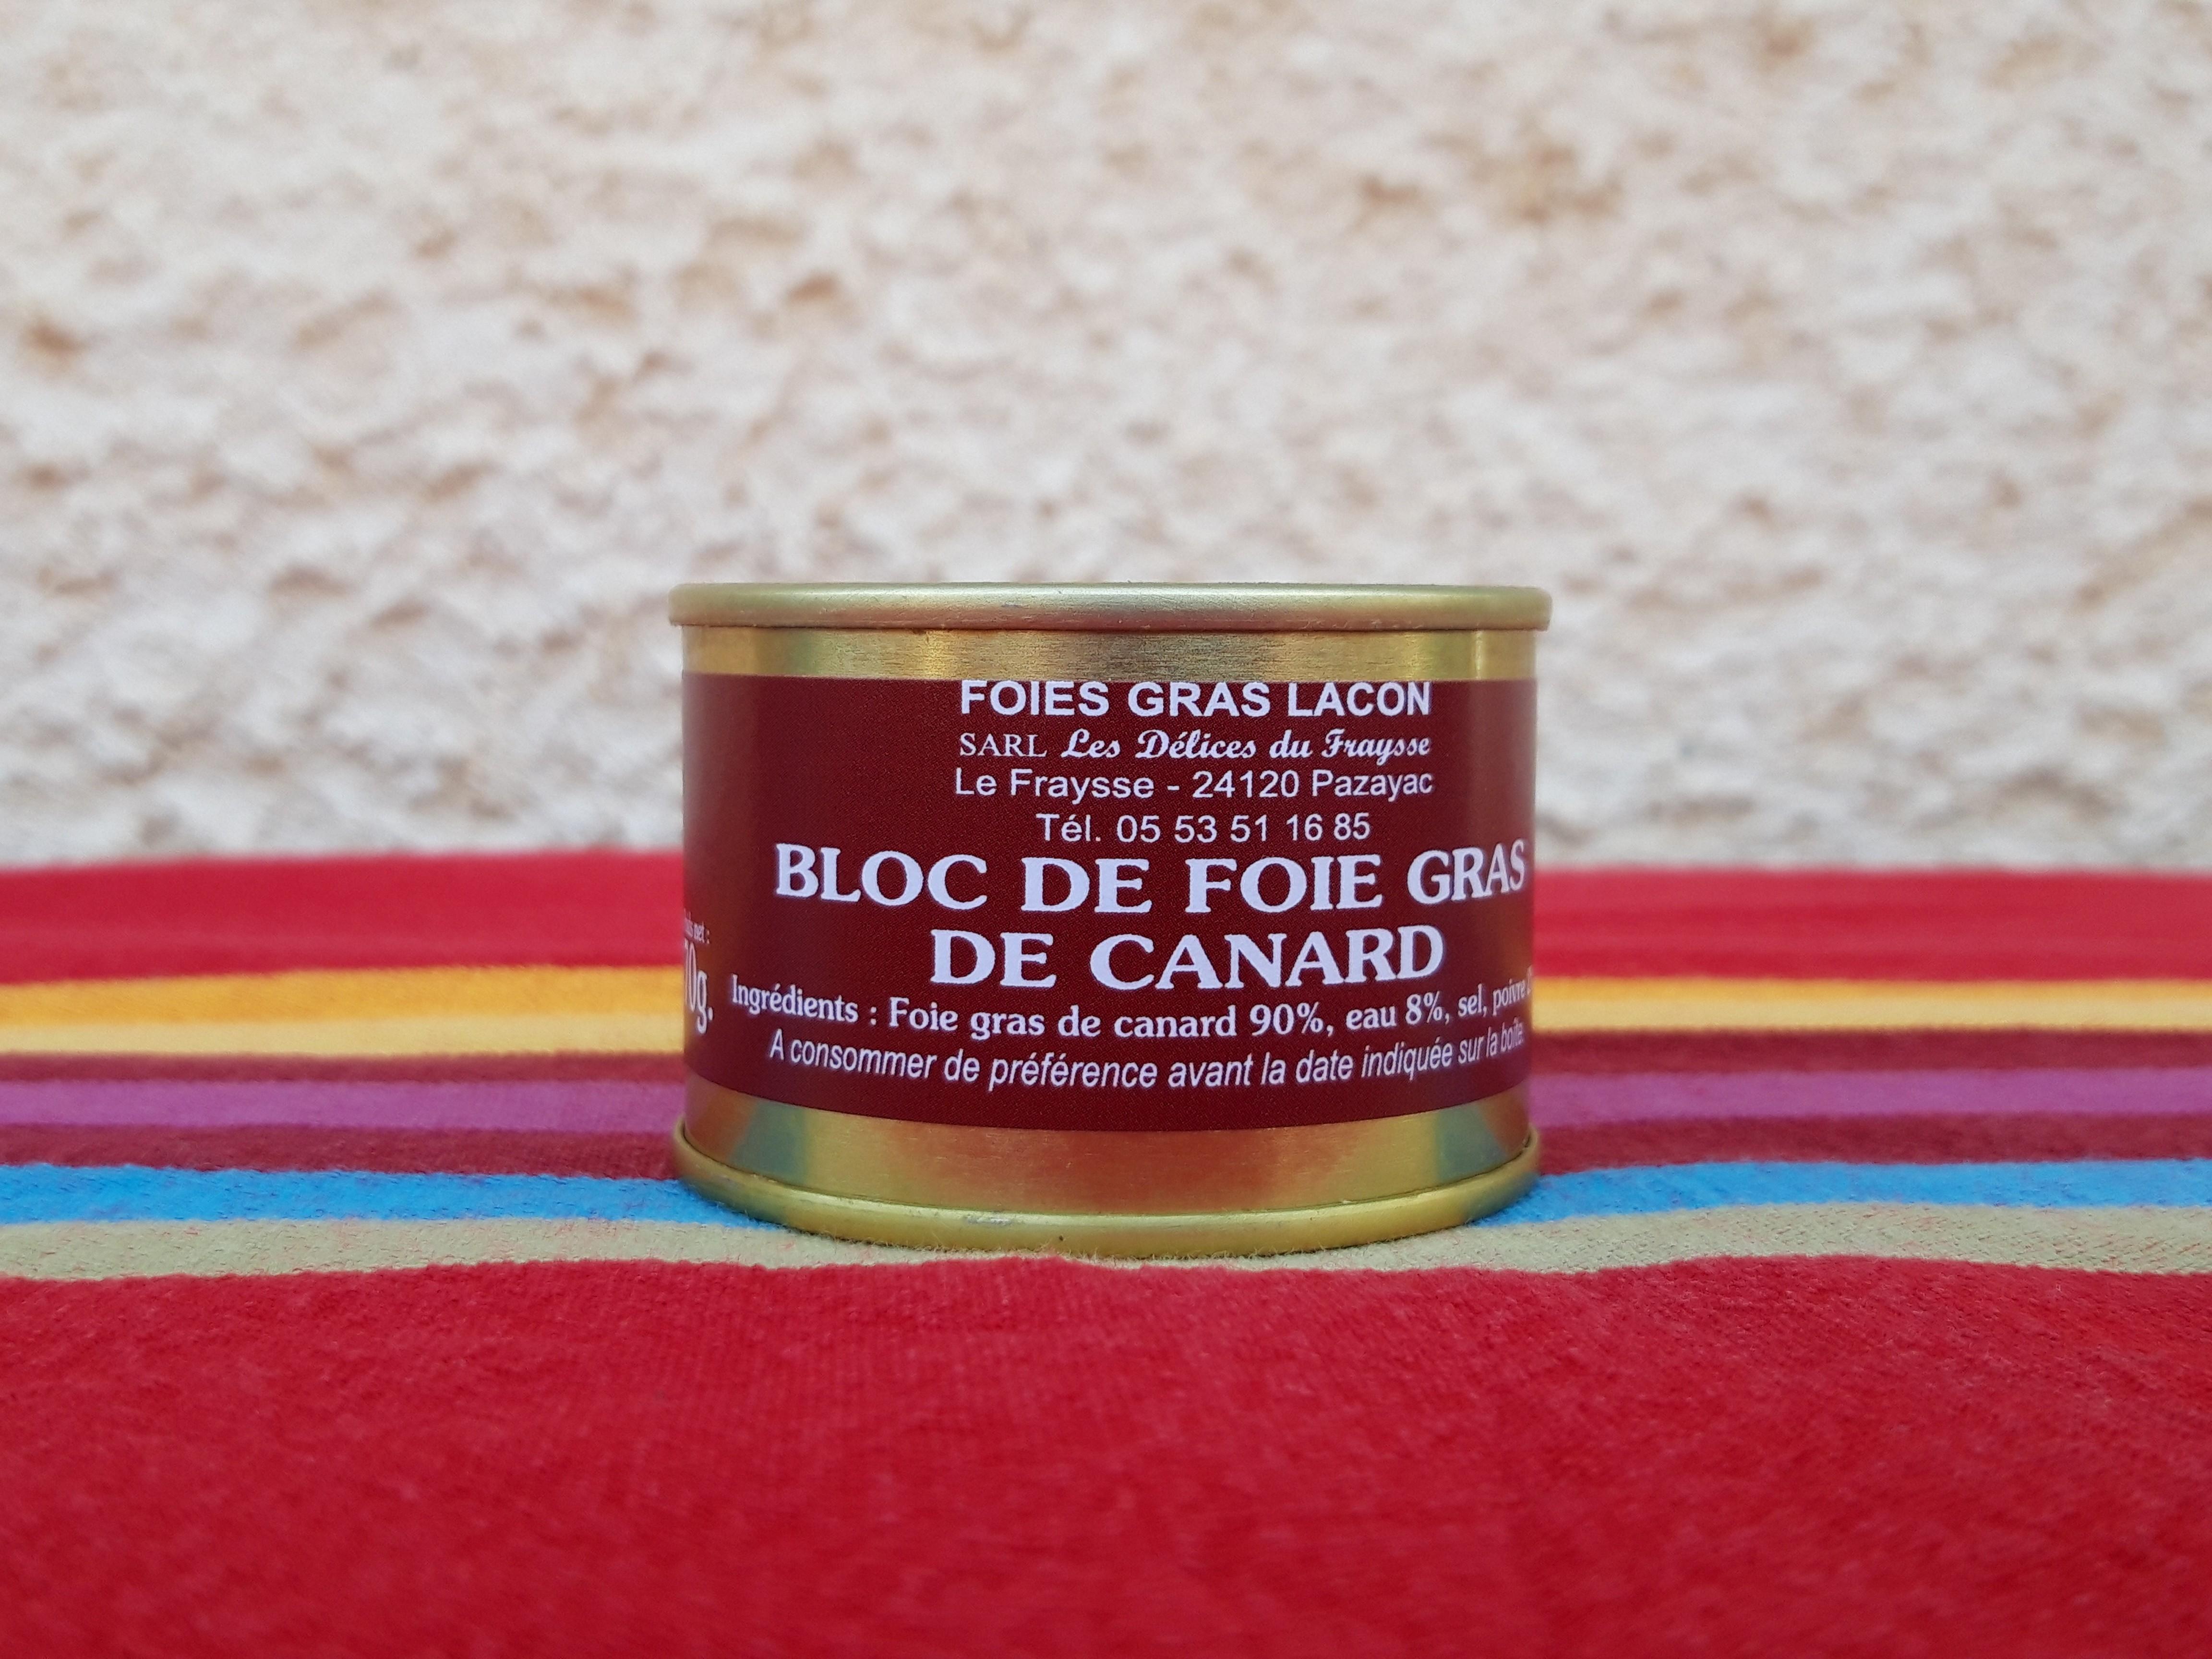 Bloc de foie gras 70g